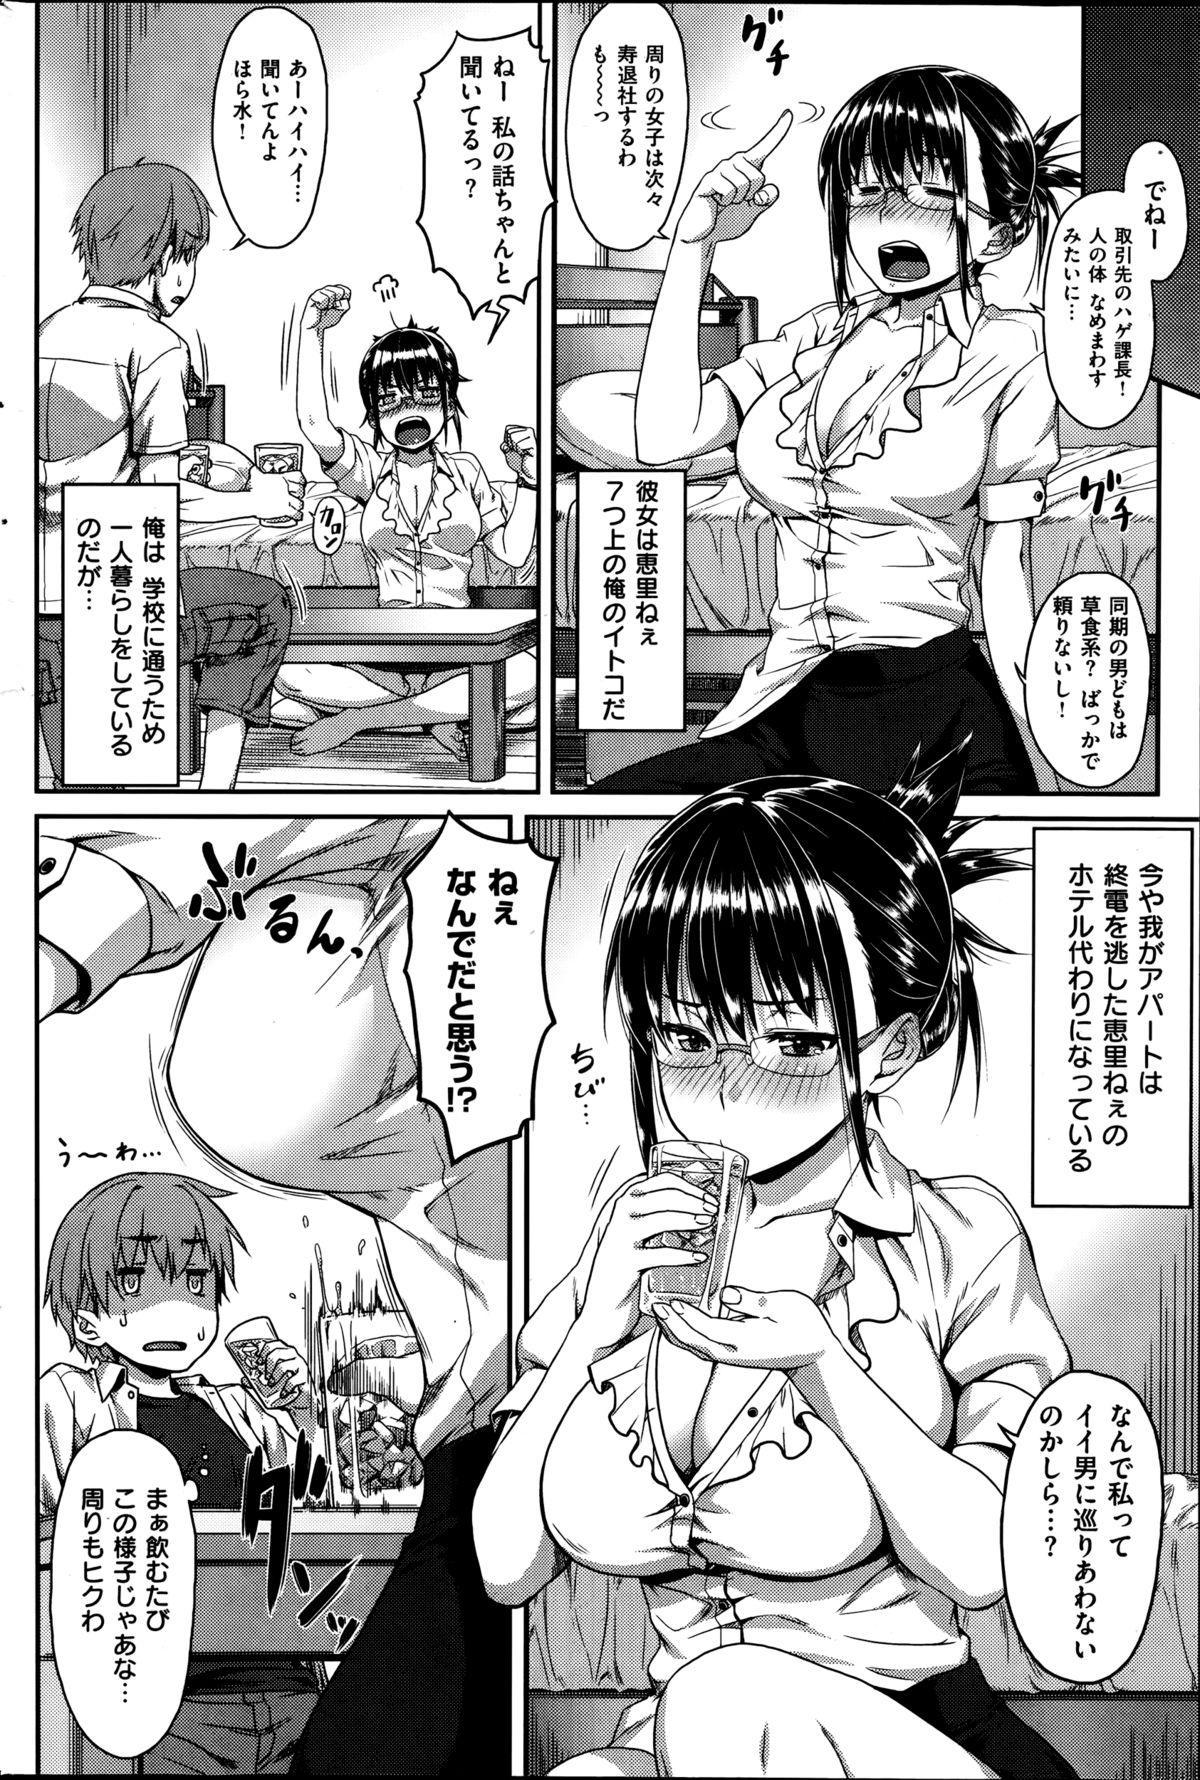 COMIC Kairakuten BEAST 2014-08 210